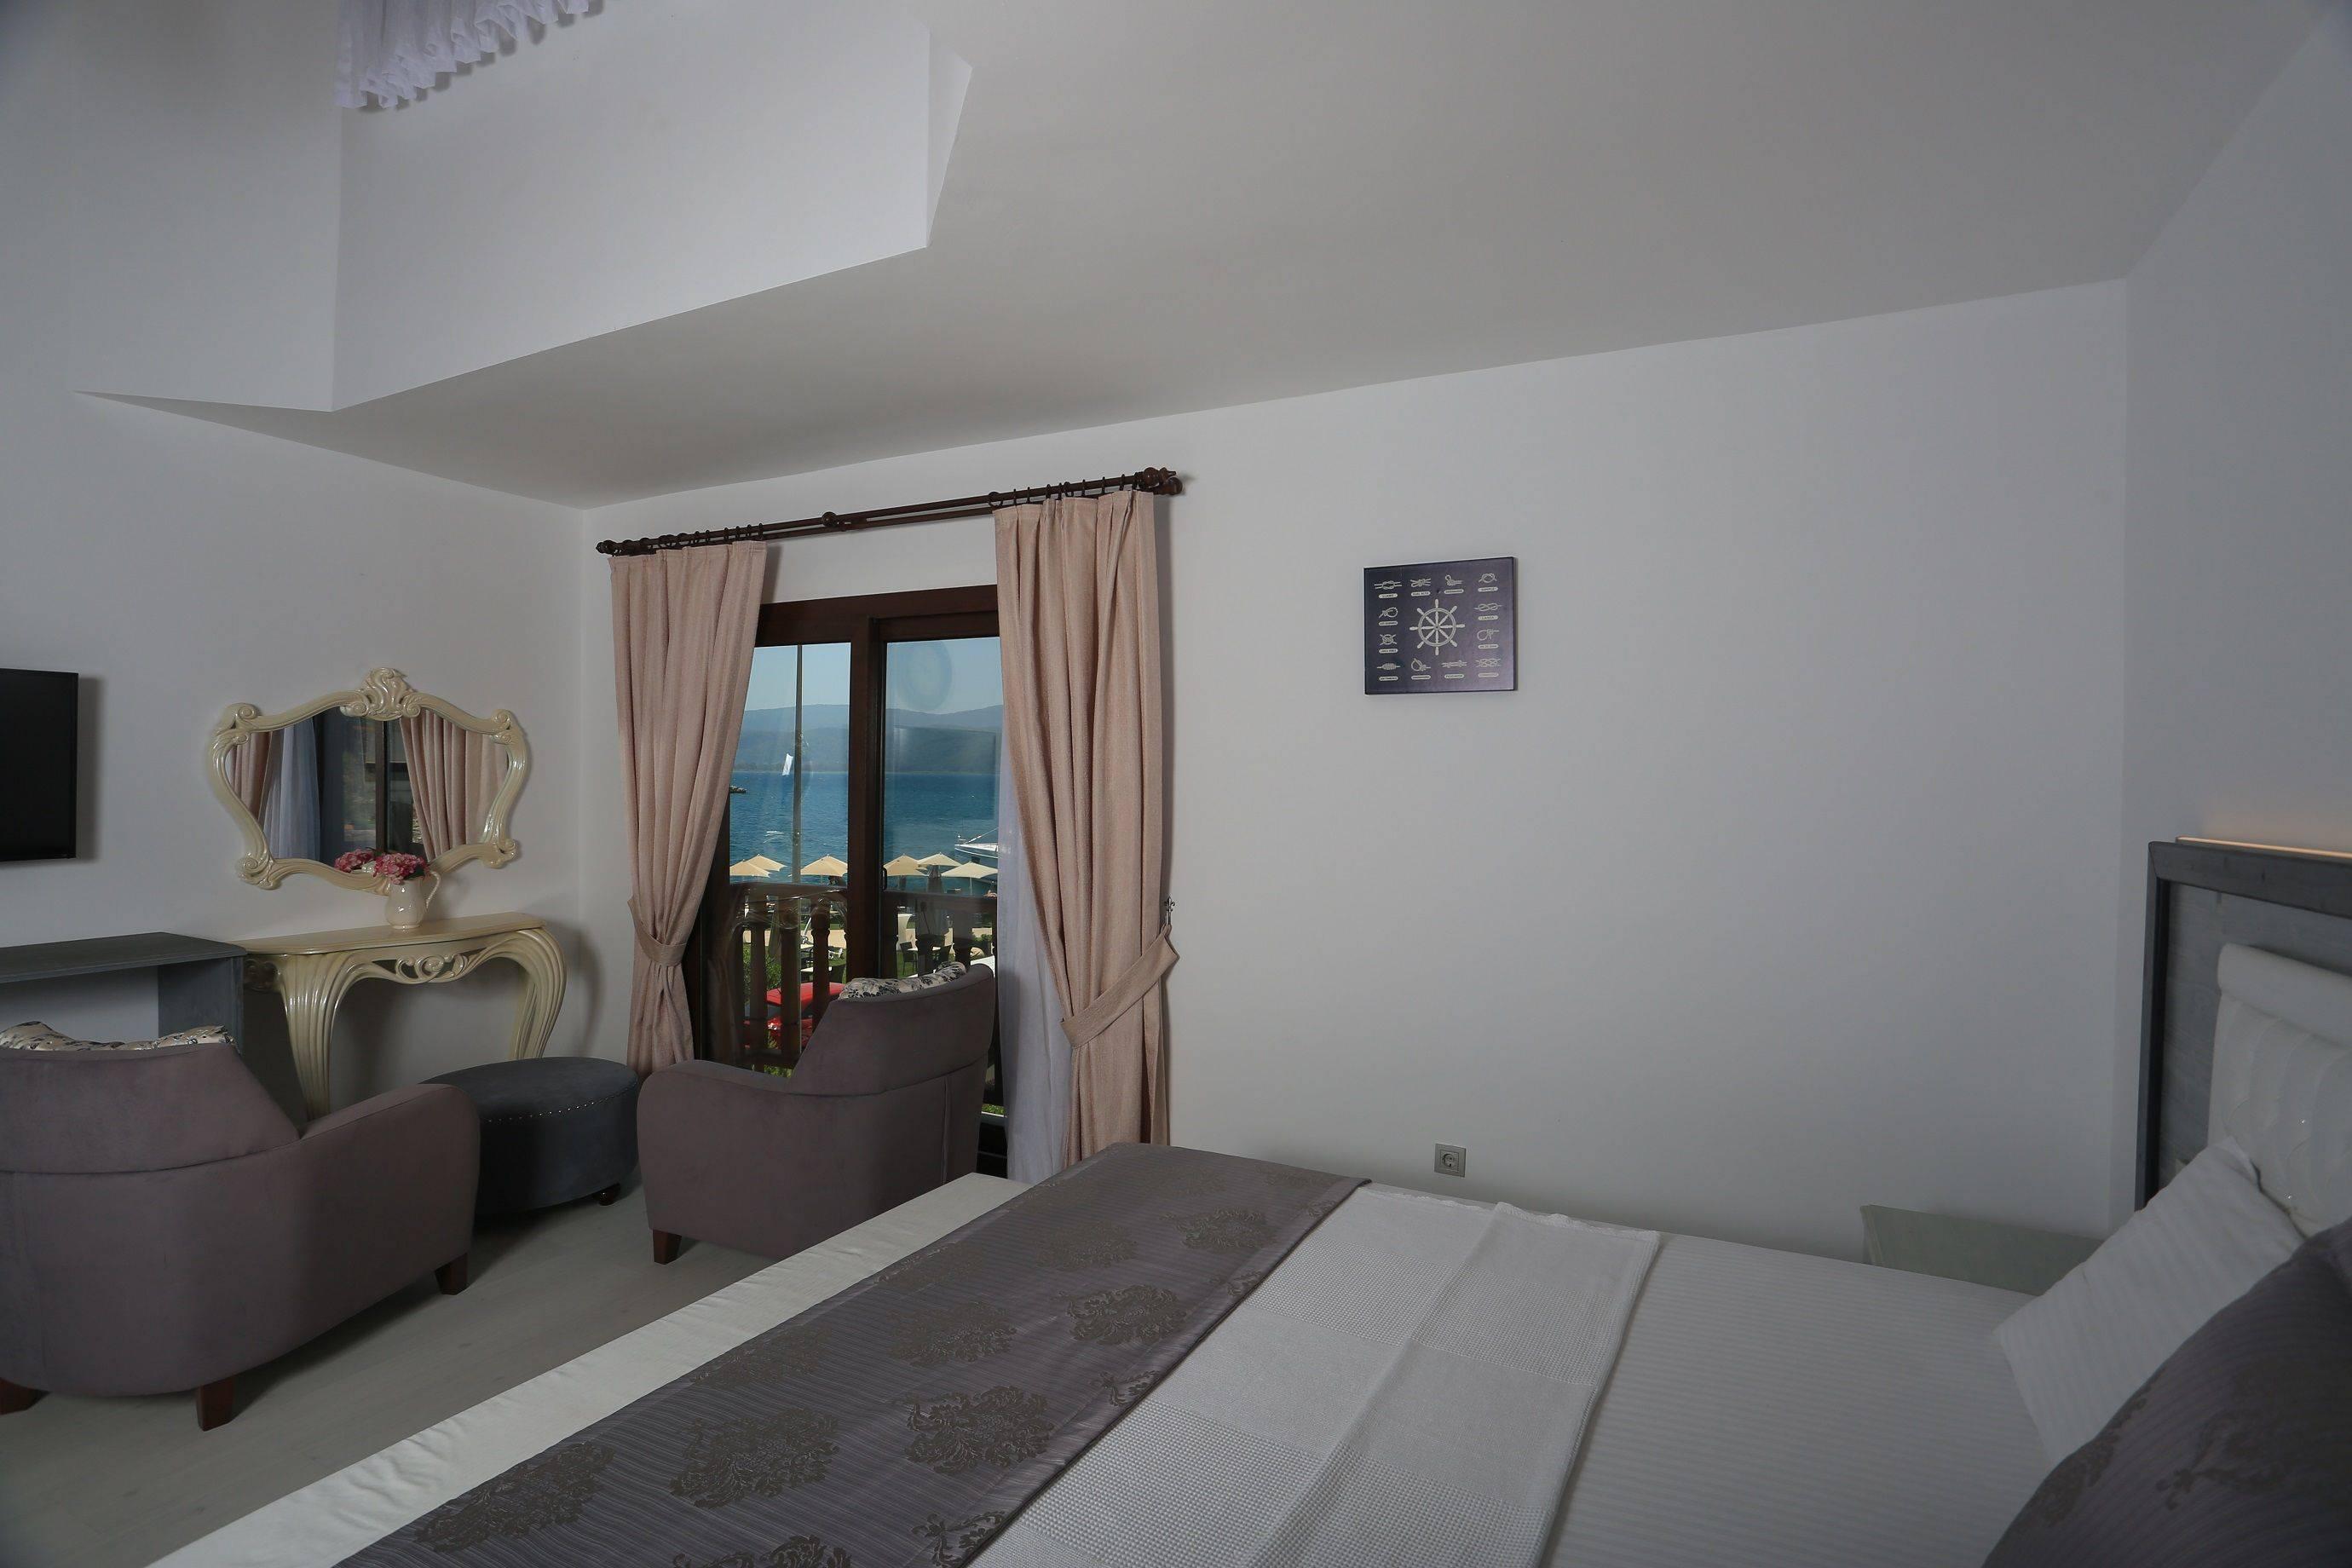 İskelem Otel, Muğla, Akyaka, 25721